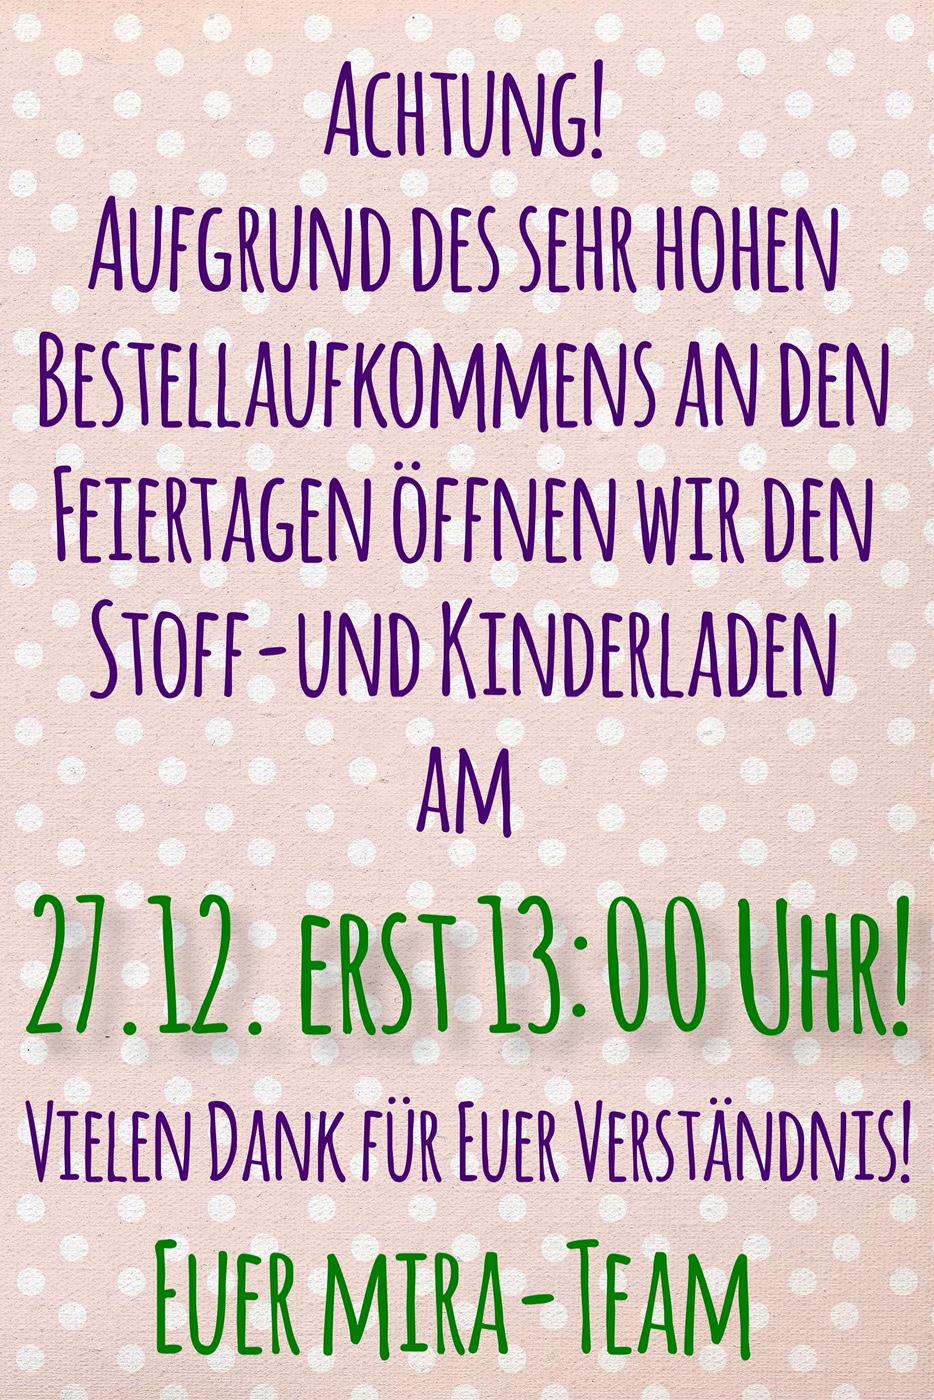 Achtung! Öffnungszeiten-Änderung am Dienstag!